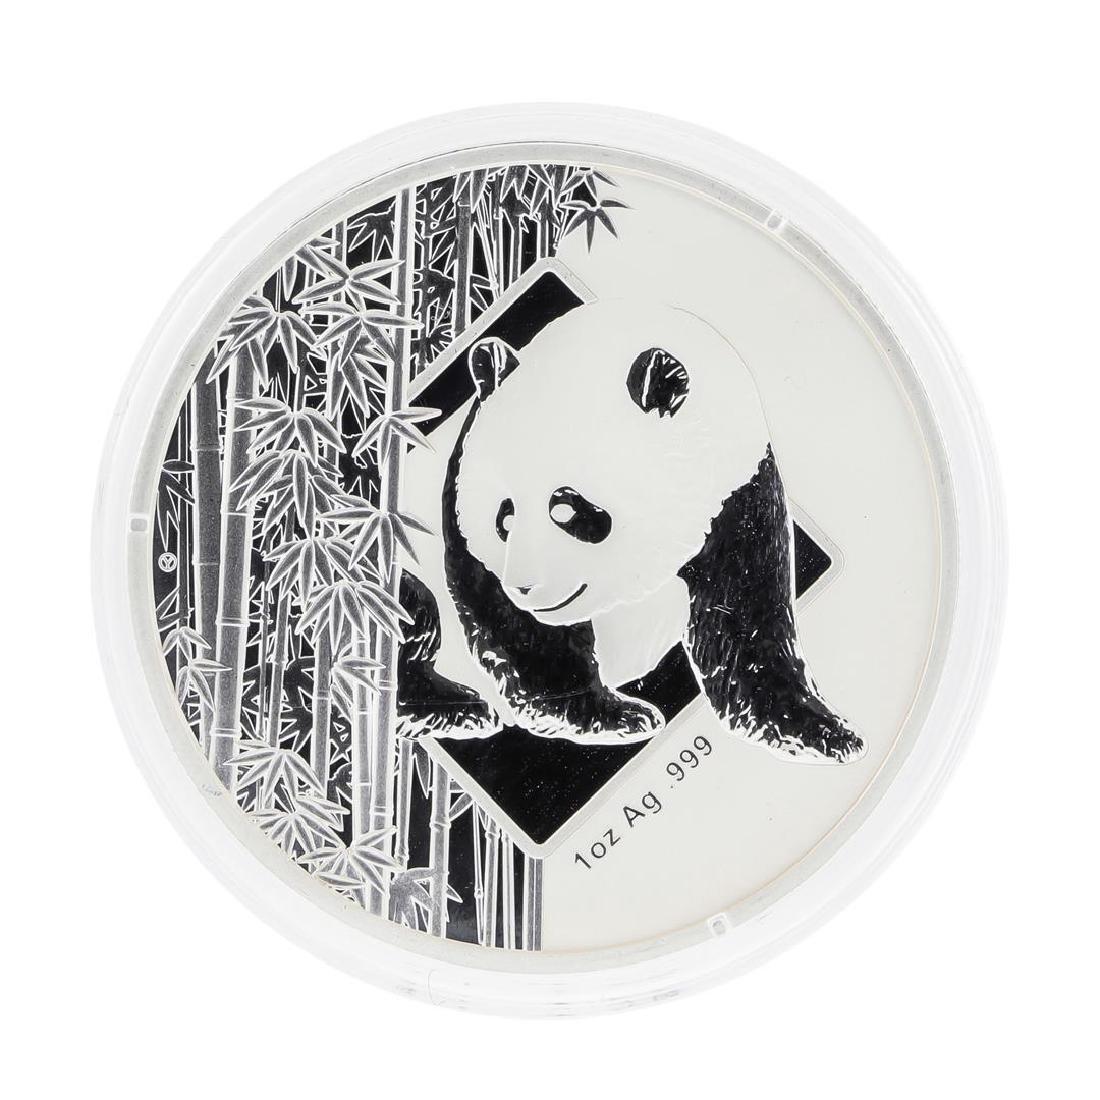 2016 China Bamboo Panda Hawaii Silver Coin HSNA w/ COA